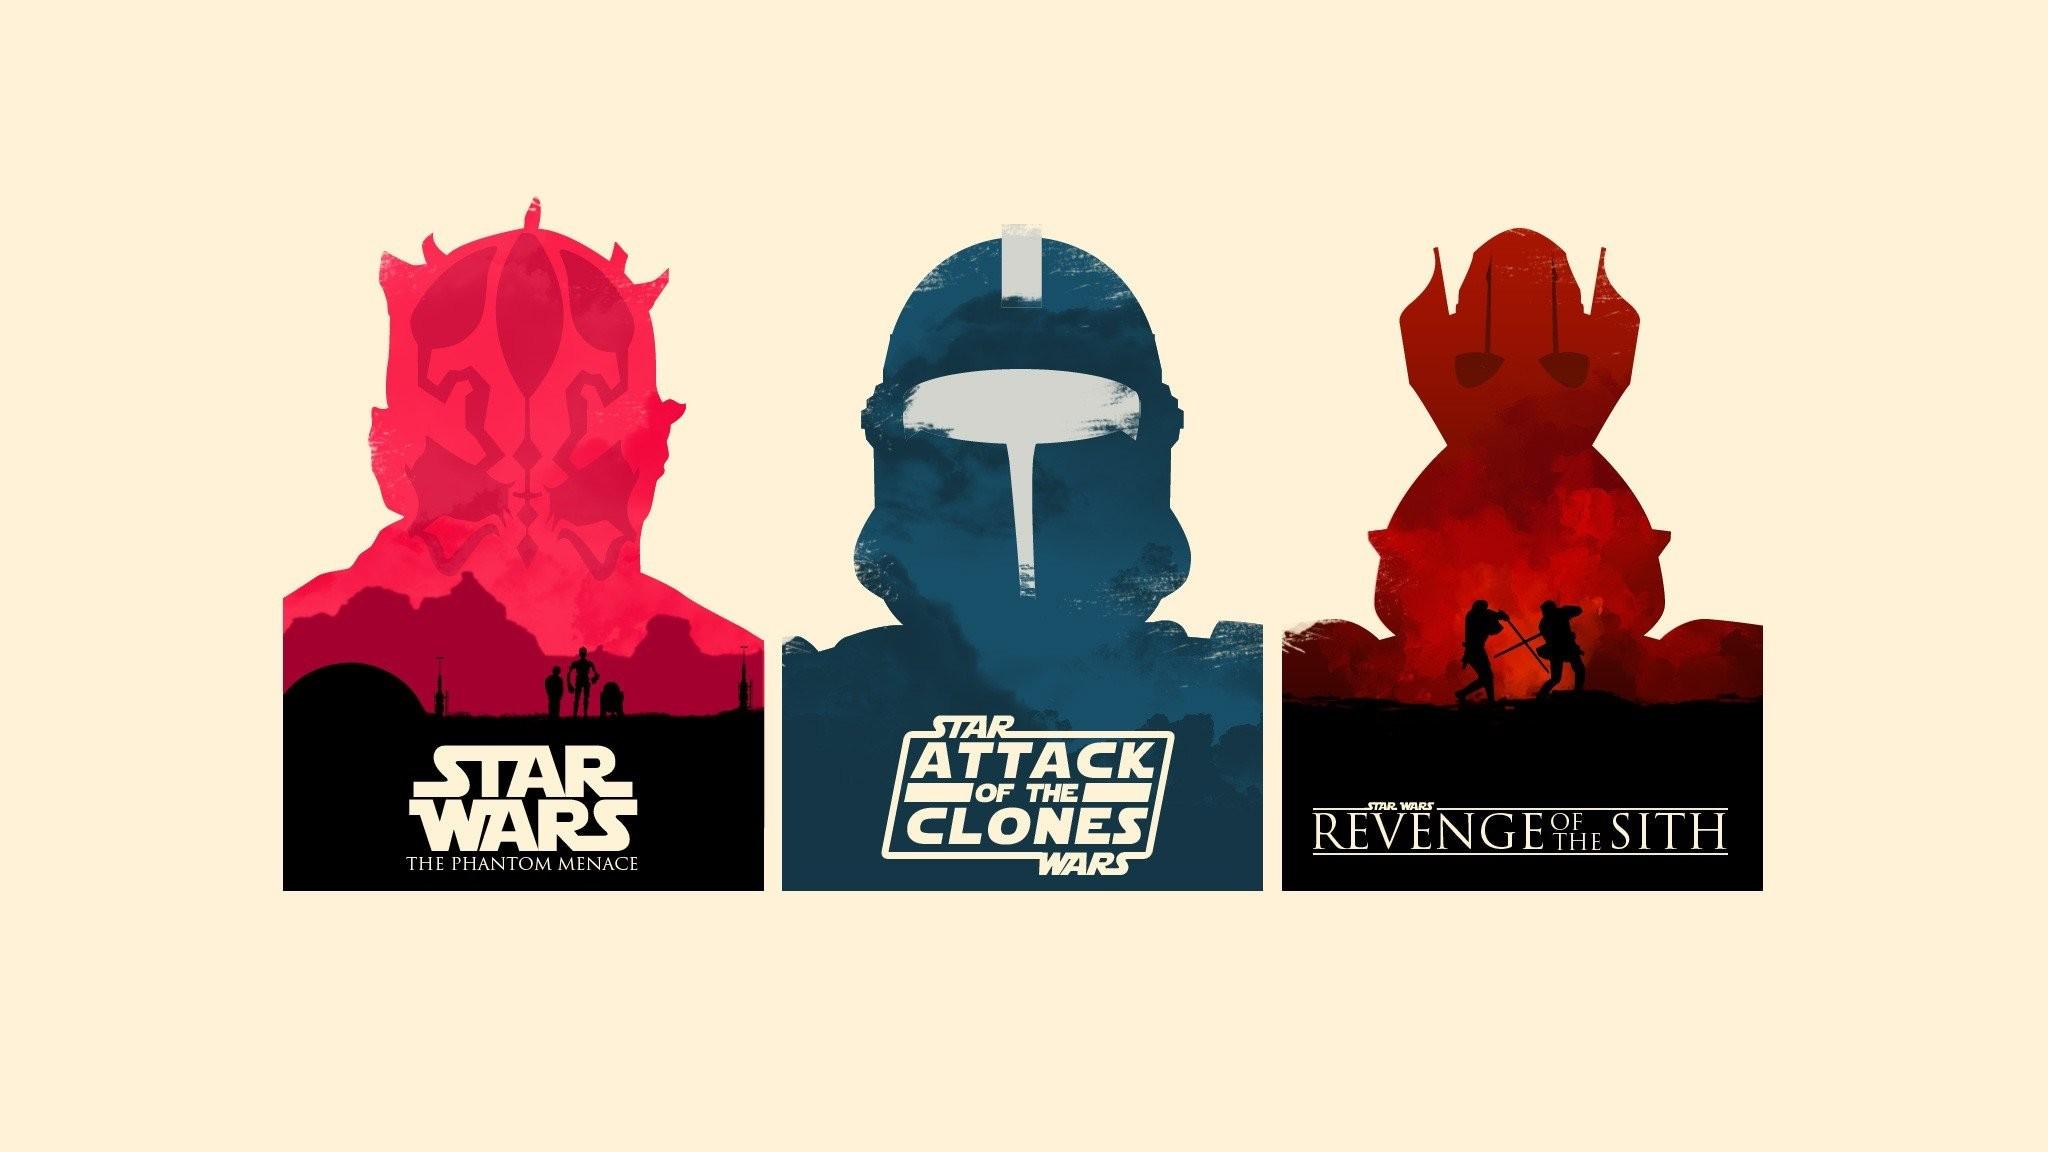 Anakin Skywalker C3PO Darth Maul General Grievous Minimalistic Movies  Obi-Wan Kenobi Posters R2D2 Star Wars